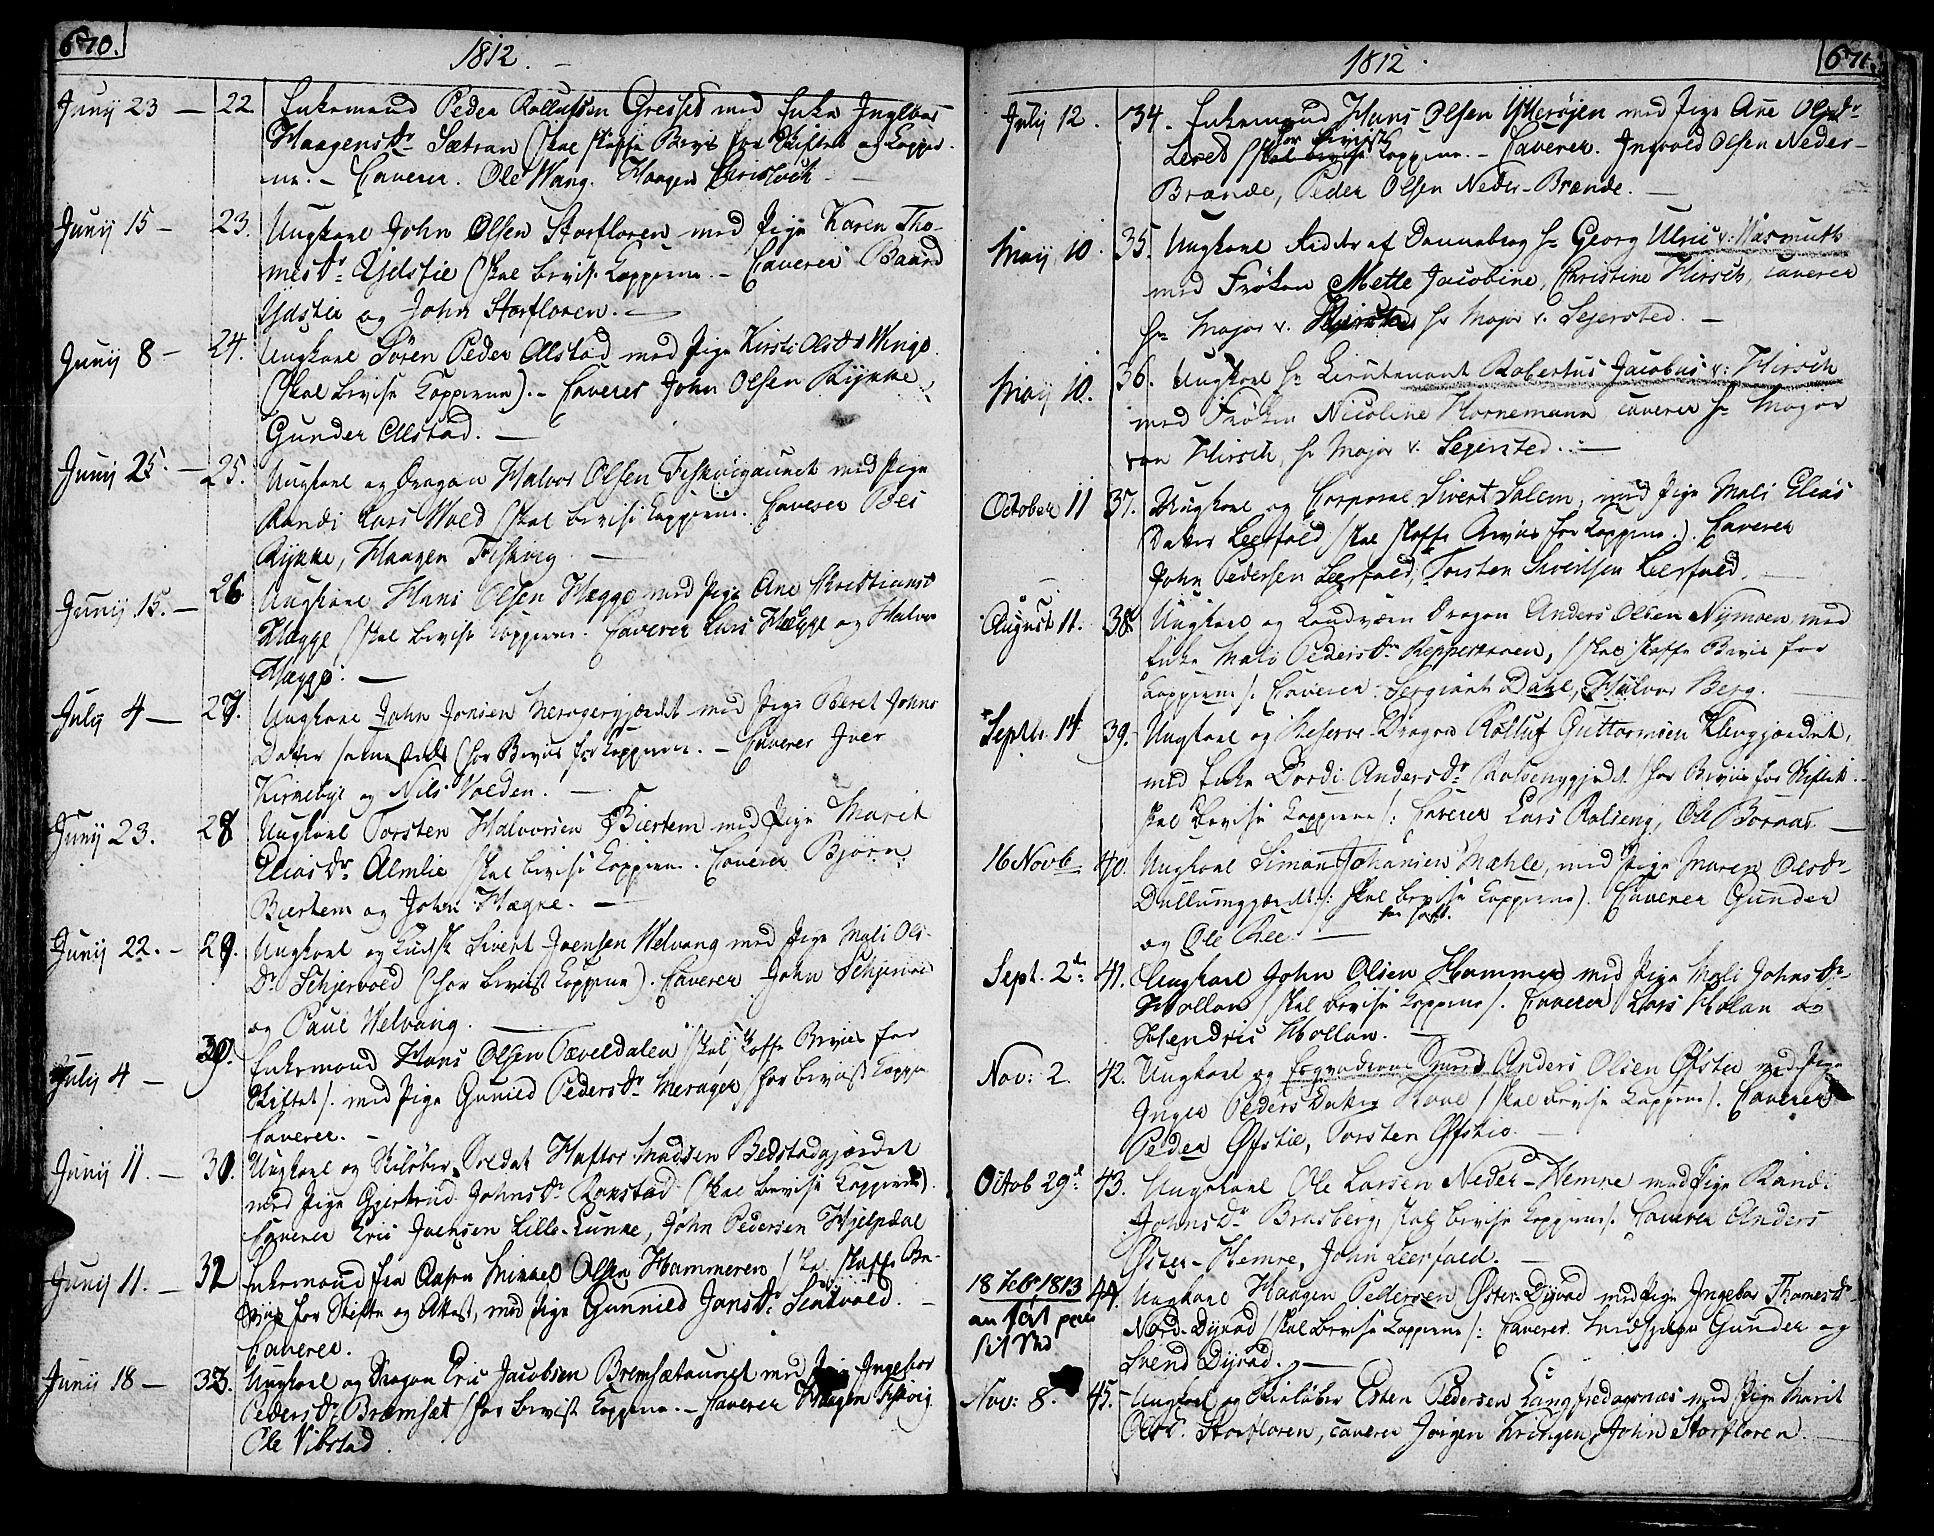 SAT, Ministerialprotokoller, klokkerbøker og fødselsregistre - Nord-Trøndelag, 709/L0060: Ministerialbok nr. 709A07, 1797-1815, s. 670-671